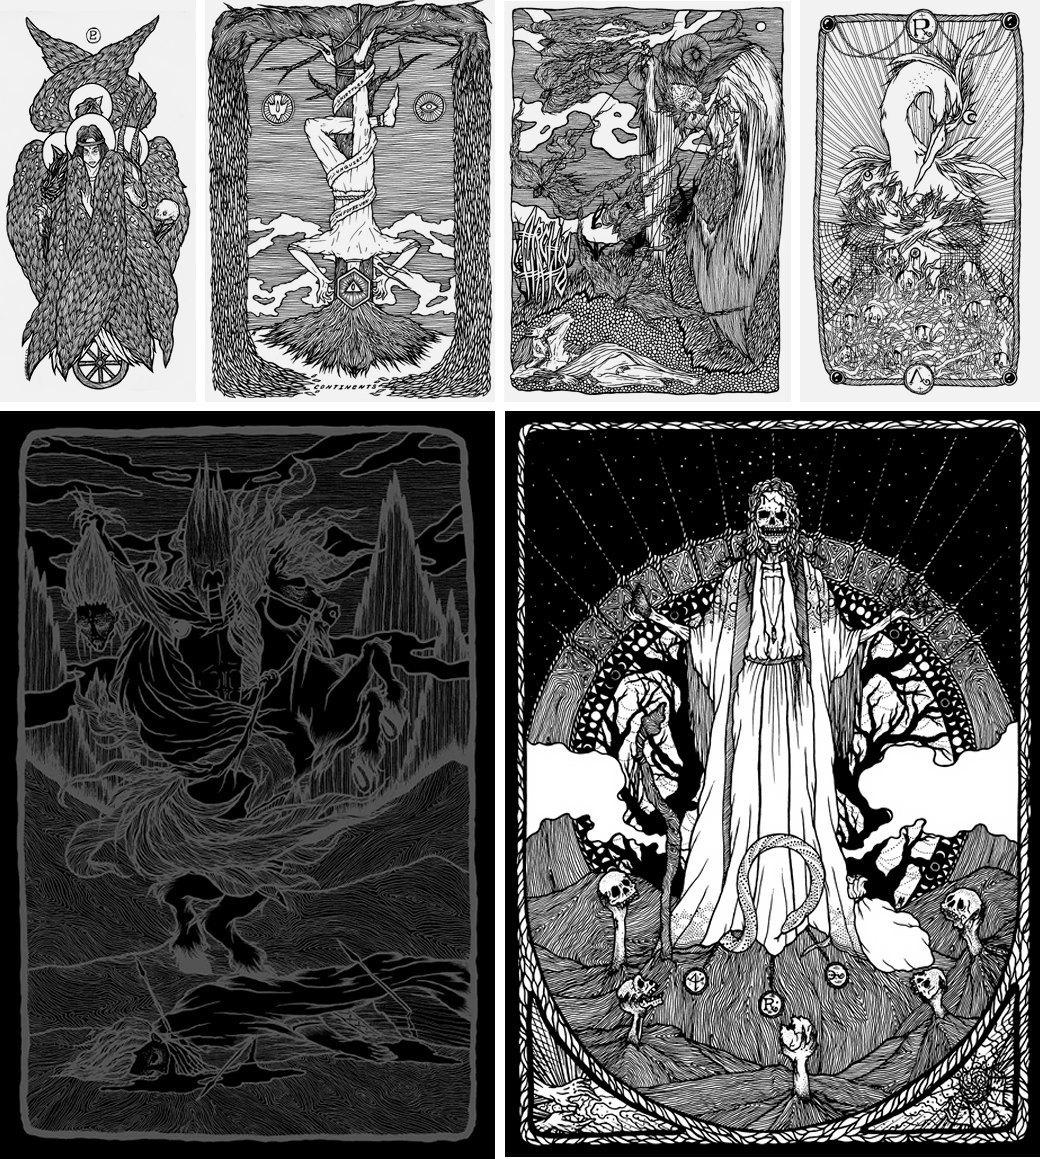 5 российских панк-художников, на которых стоит обратить внимание. Изображение № 3.